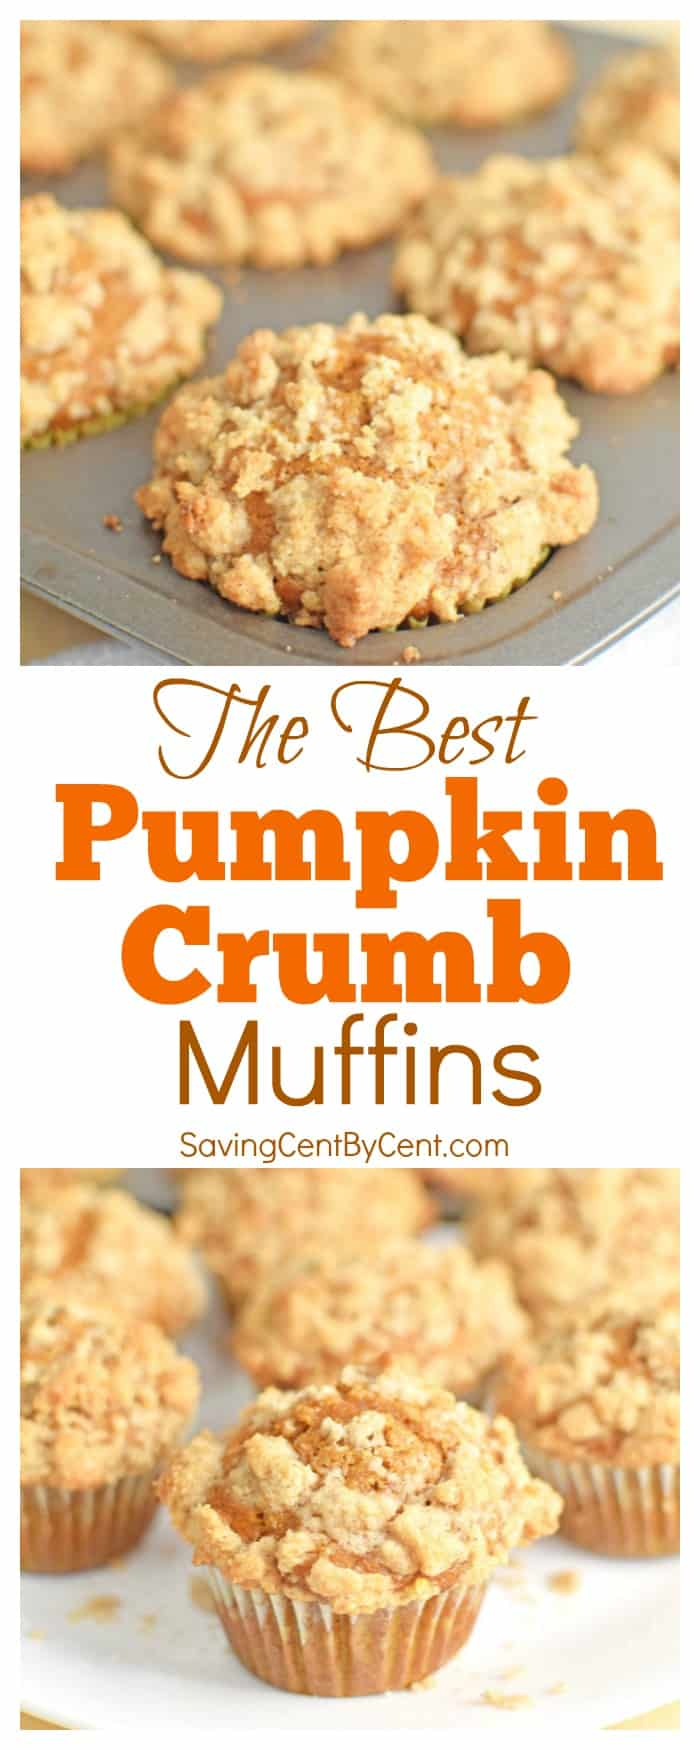 The Best Pumpkin Crumb Muffins